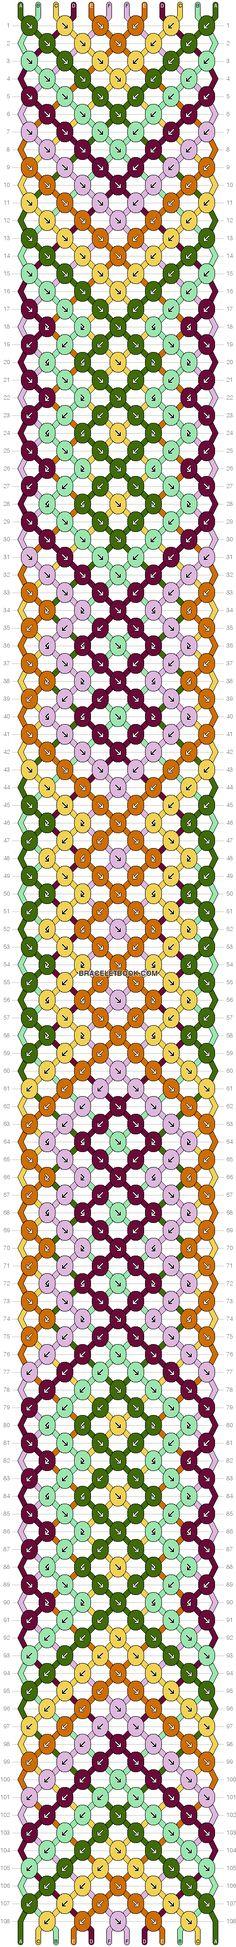 pattern.png (506×4176)